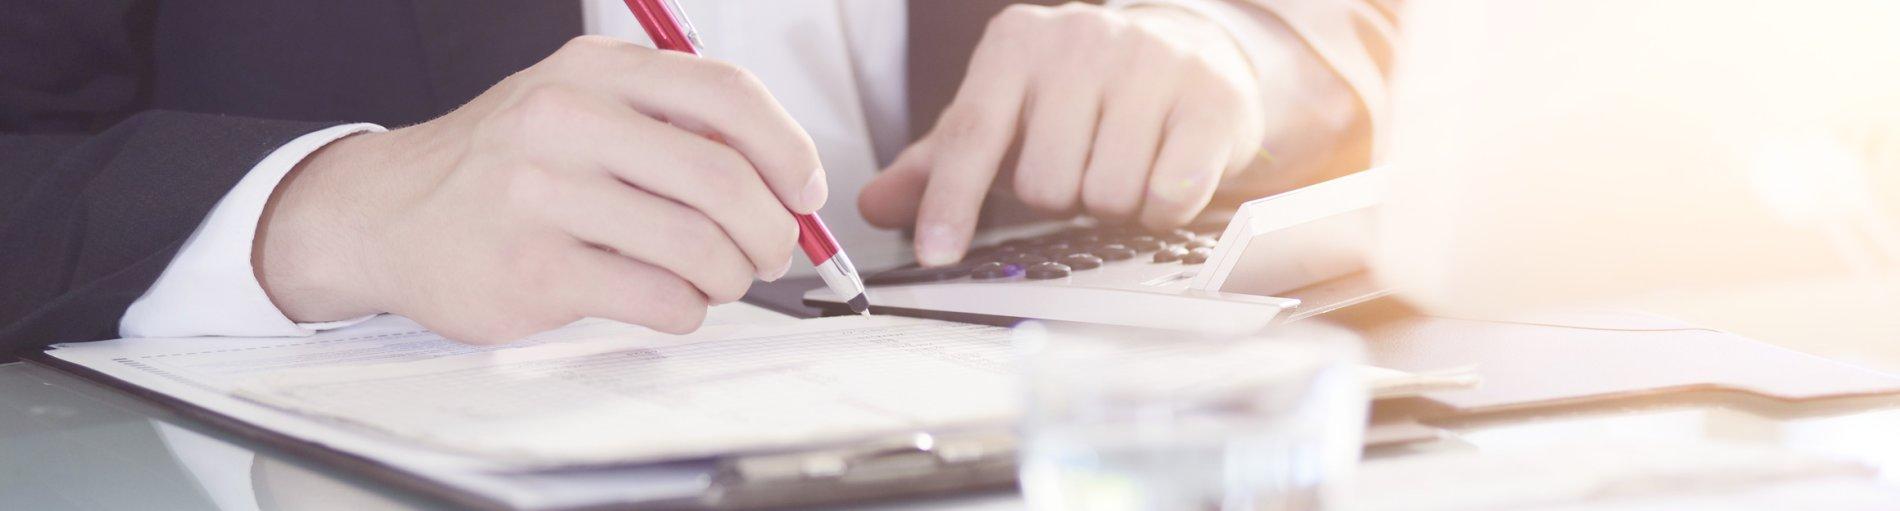 Vertrag, rechnen, Business, Laptop, office